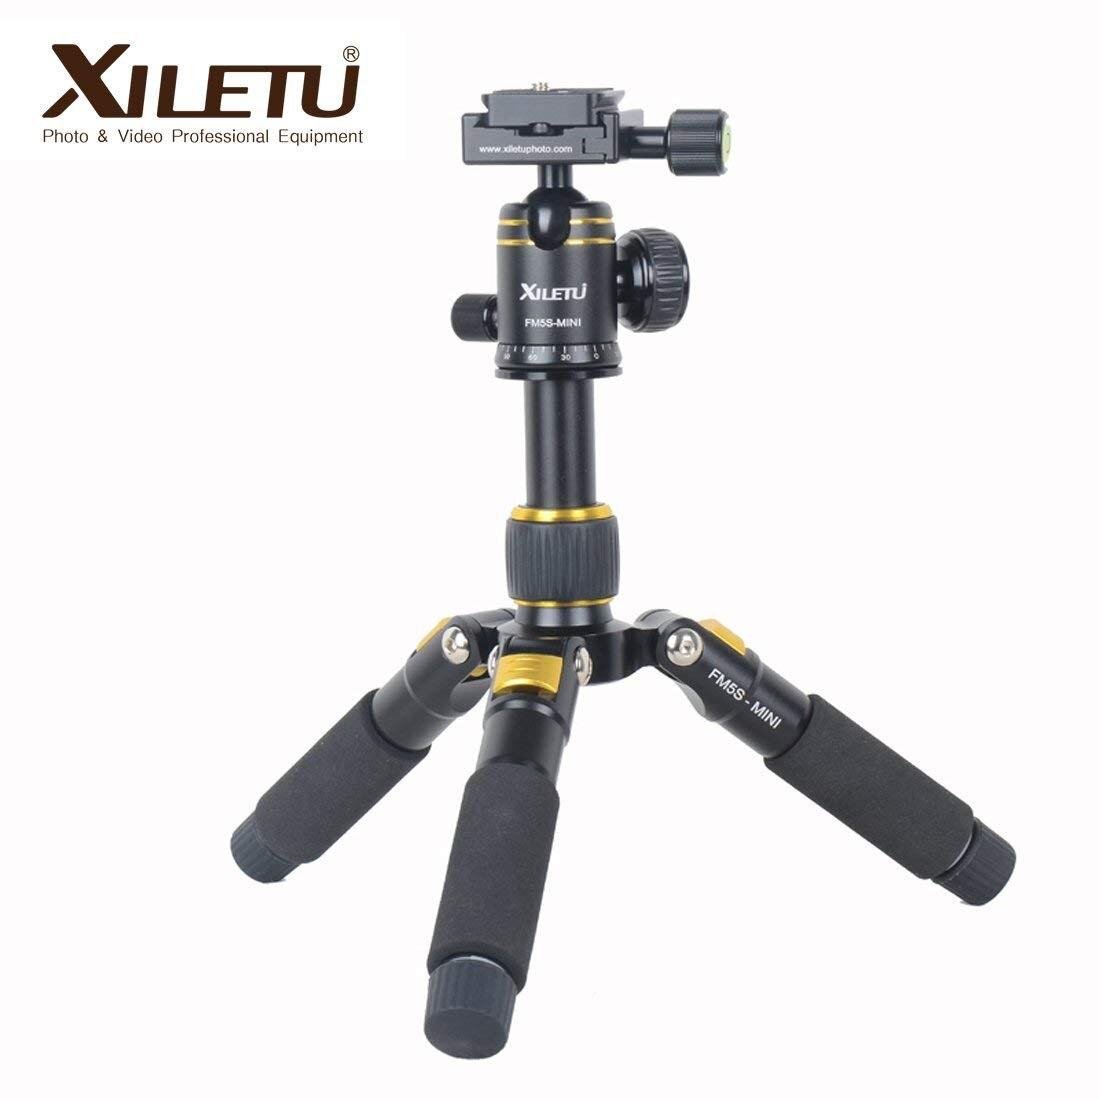 XILETU FM5S-Mini Tabletop Tripod And Ball Head Kit For DSLR Mirrorless Camera Smart Phone Lightweight Alluminum Tripods Tabletop